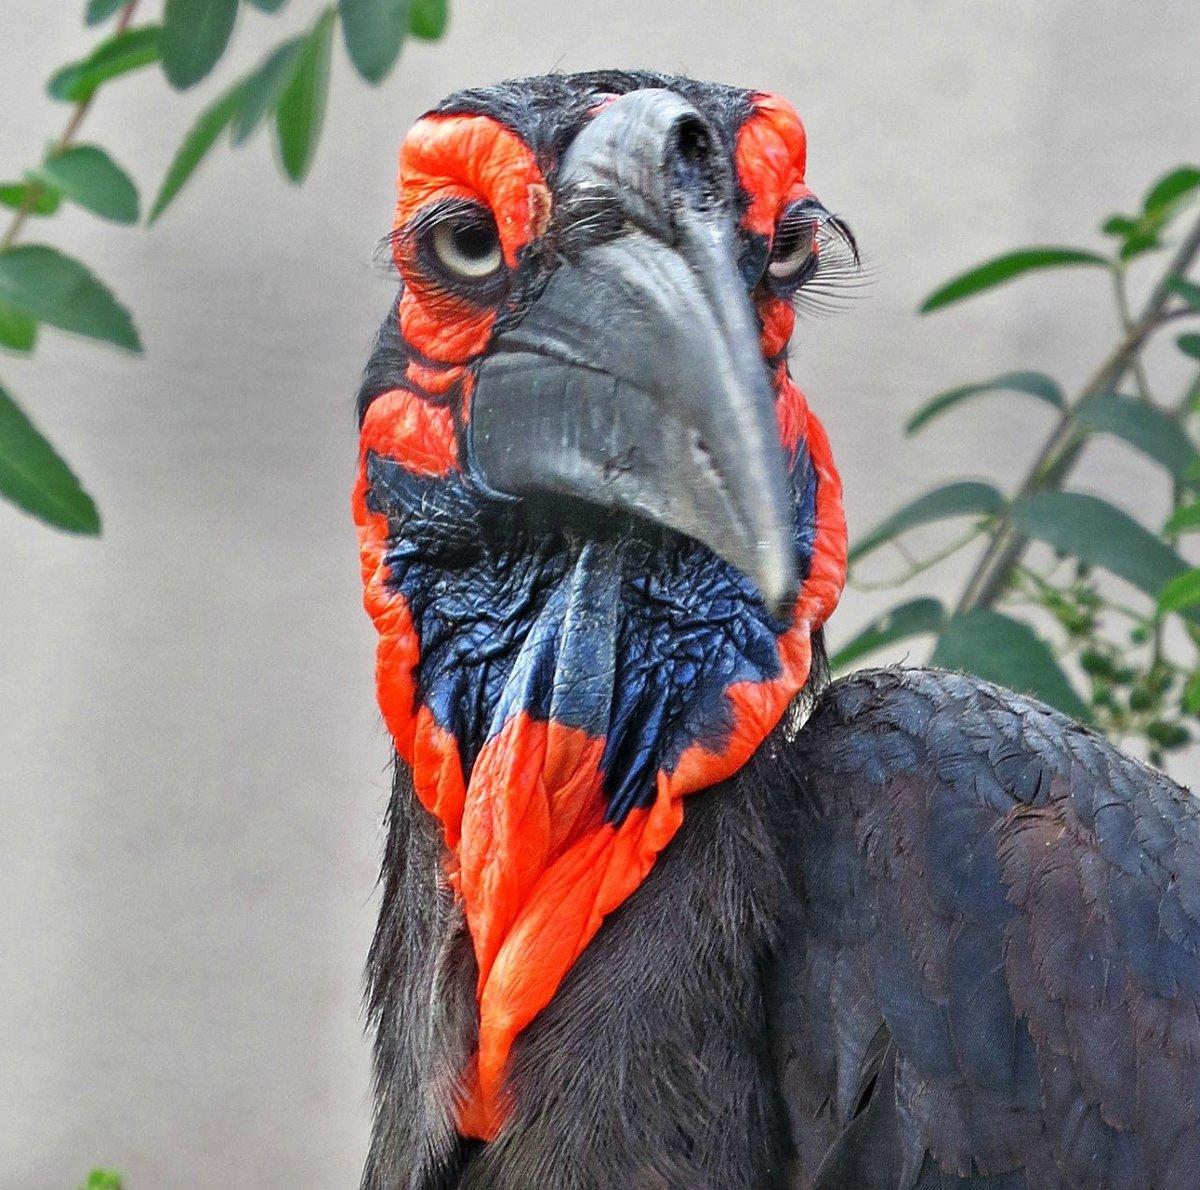 этому вам птица с ресницами фото позже девушка